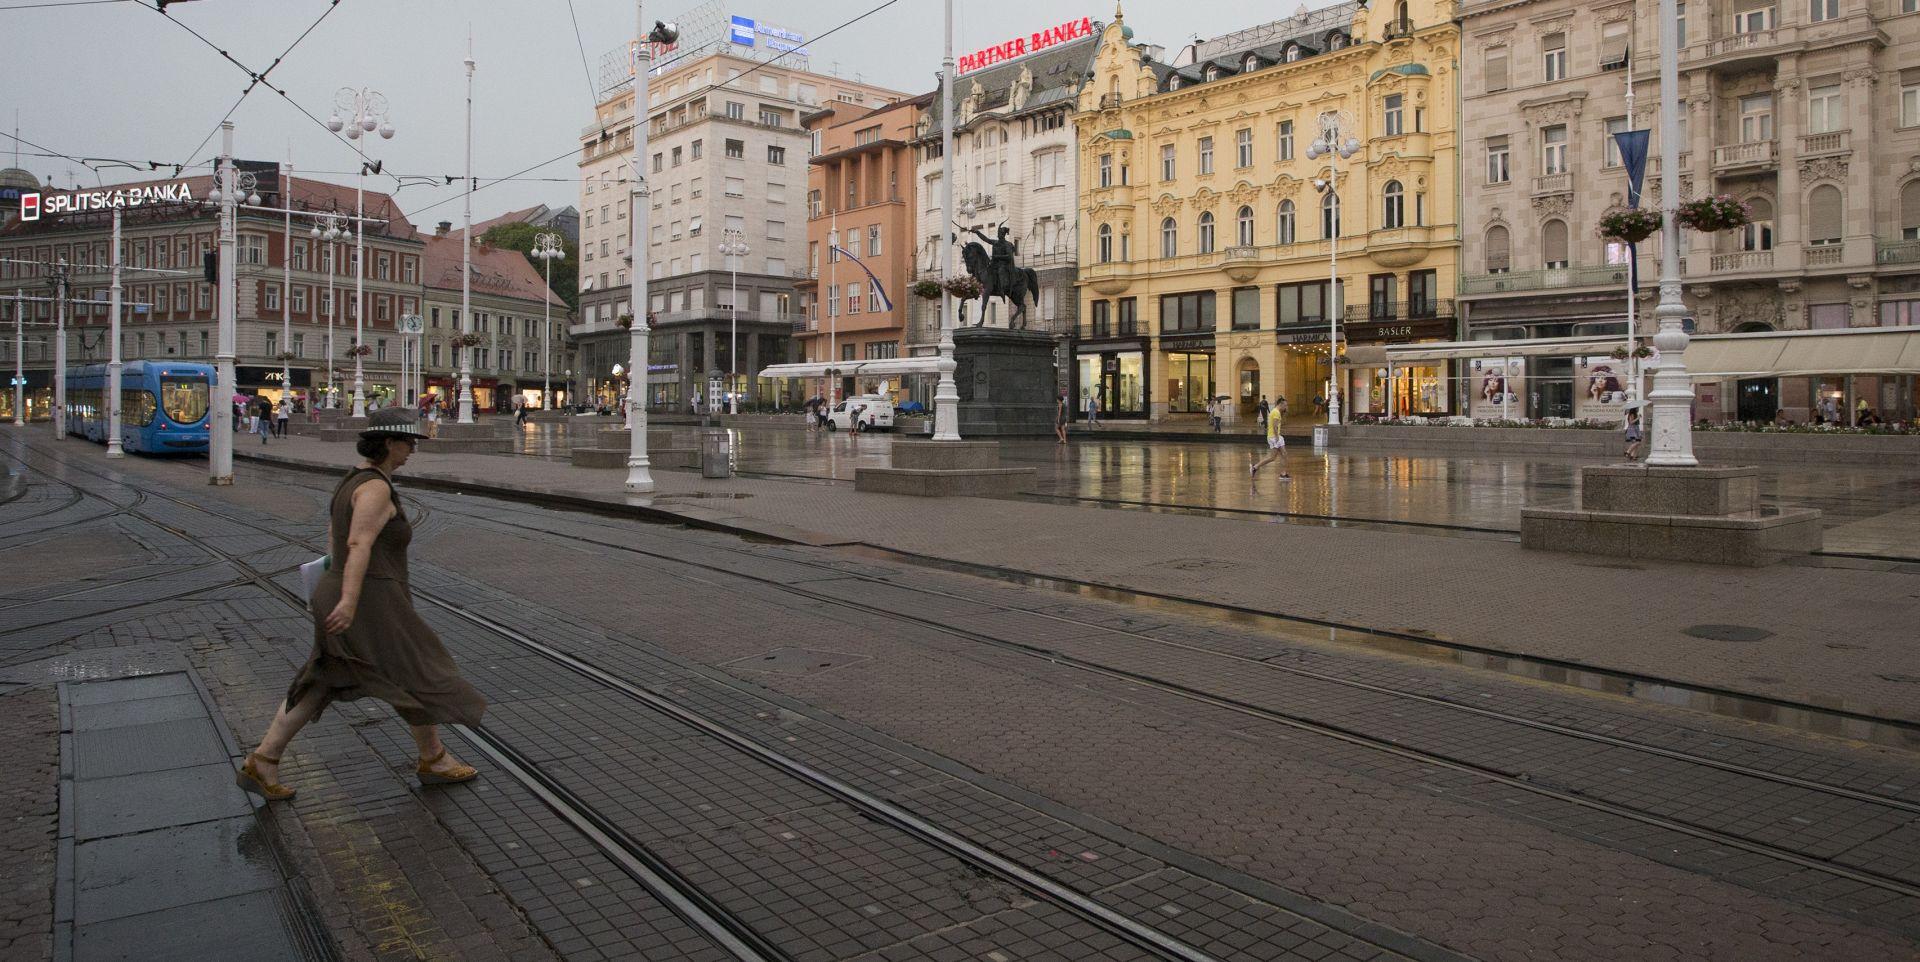 250 MILIJUNA KUNA HEP će električnom energijom opskrbljivati Zagreb i Split